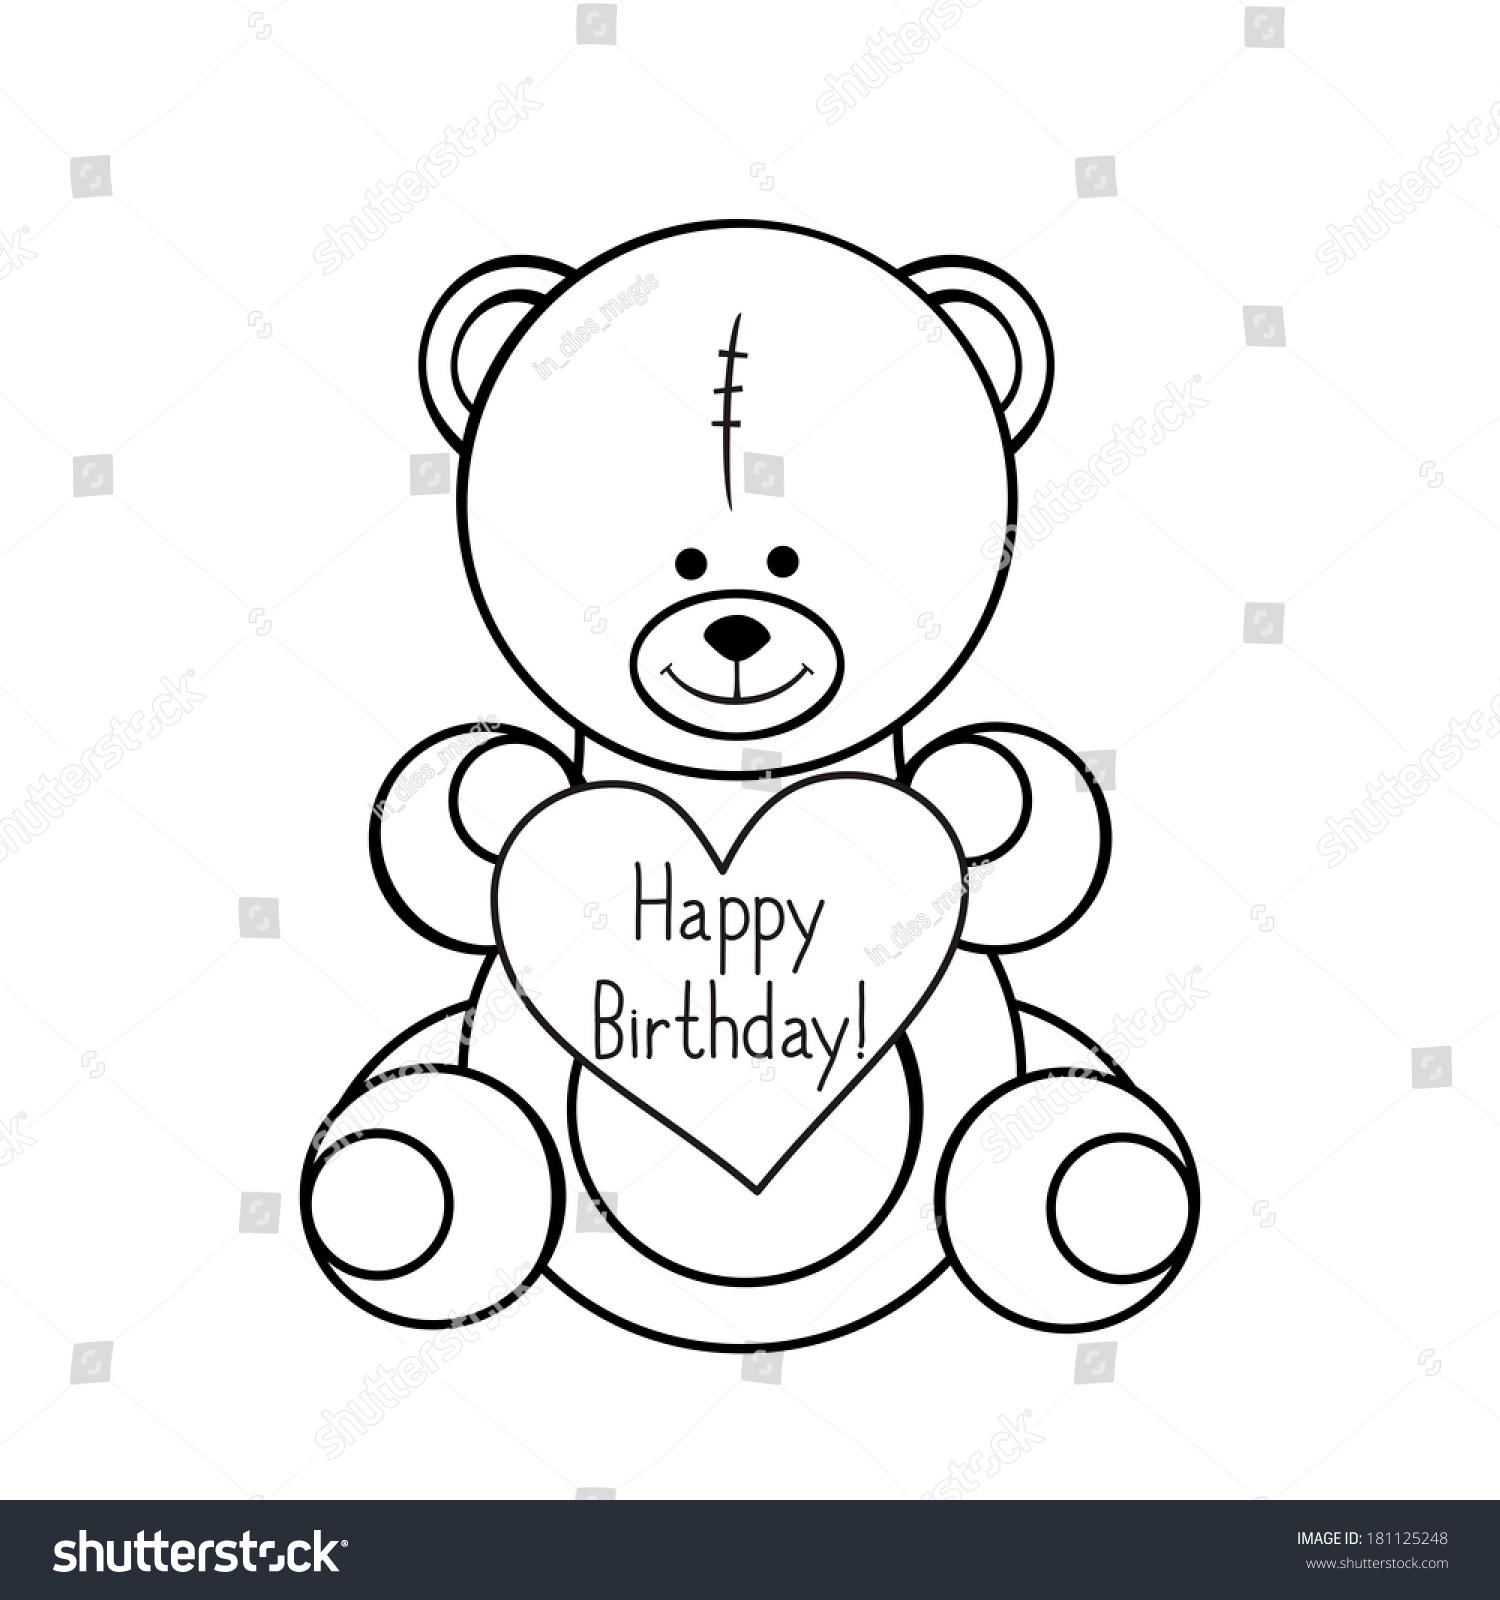 Cute Happy Birthday Drawings Wwwgalleryhipcom The